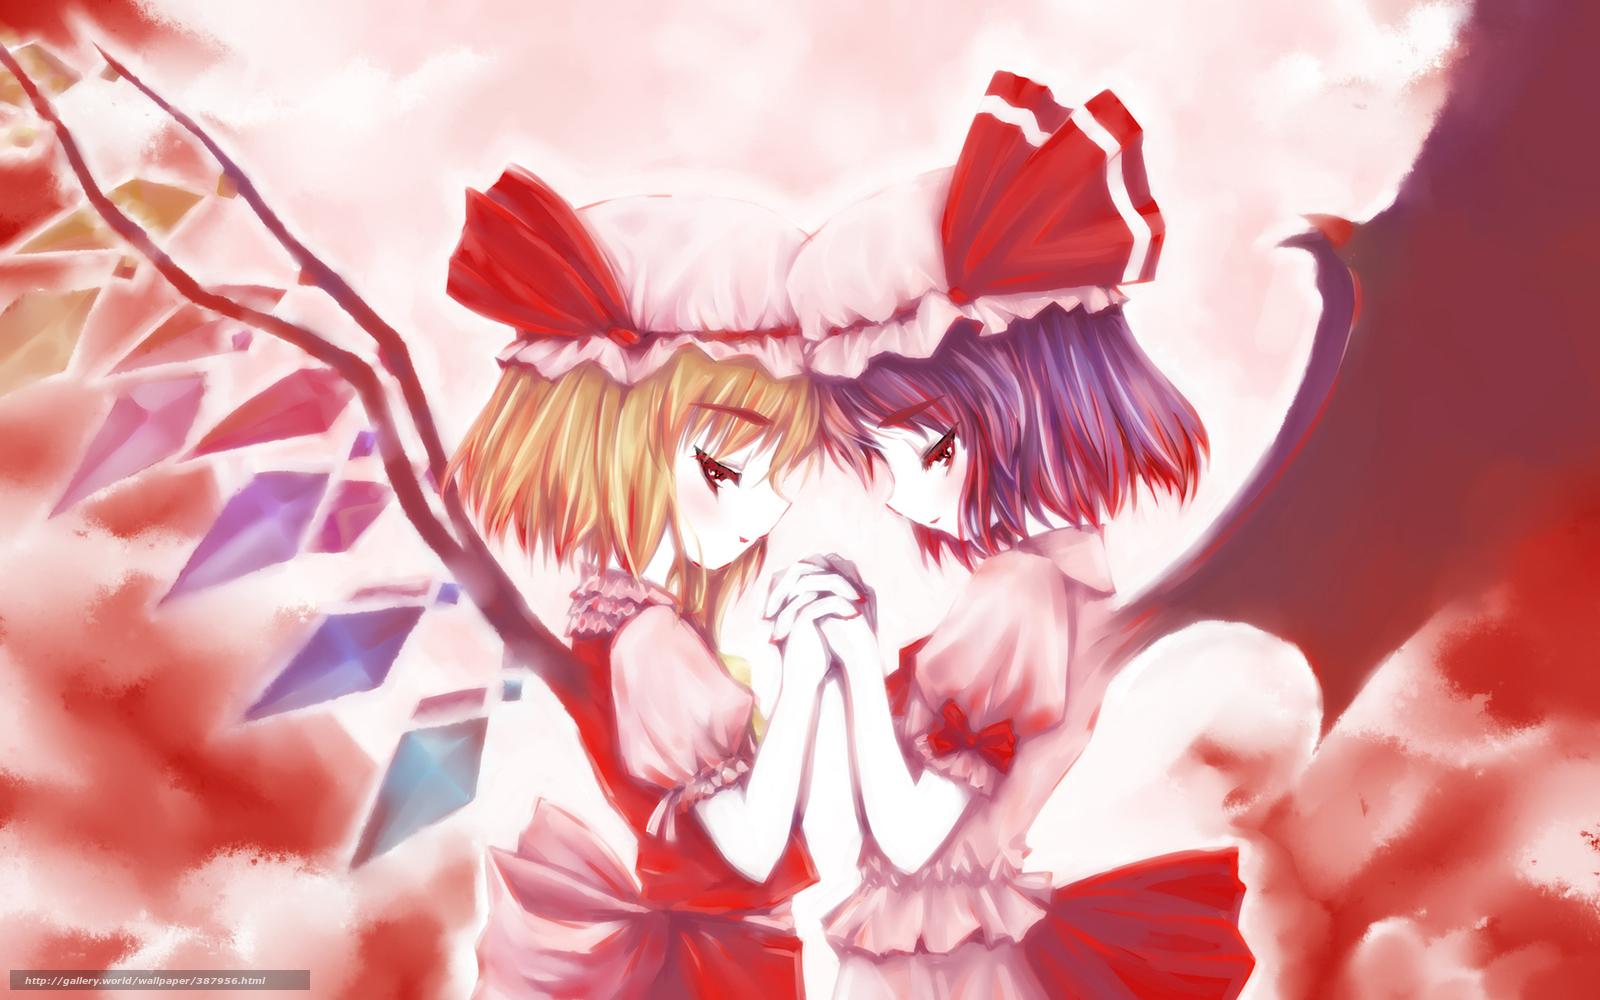 аниме ангелы скачать бесплатно картинки: